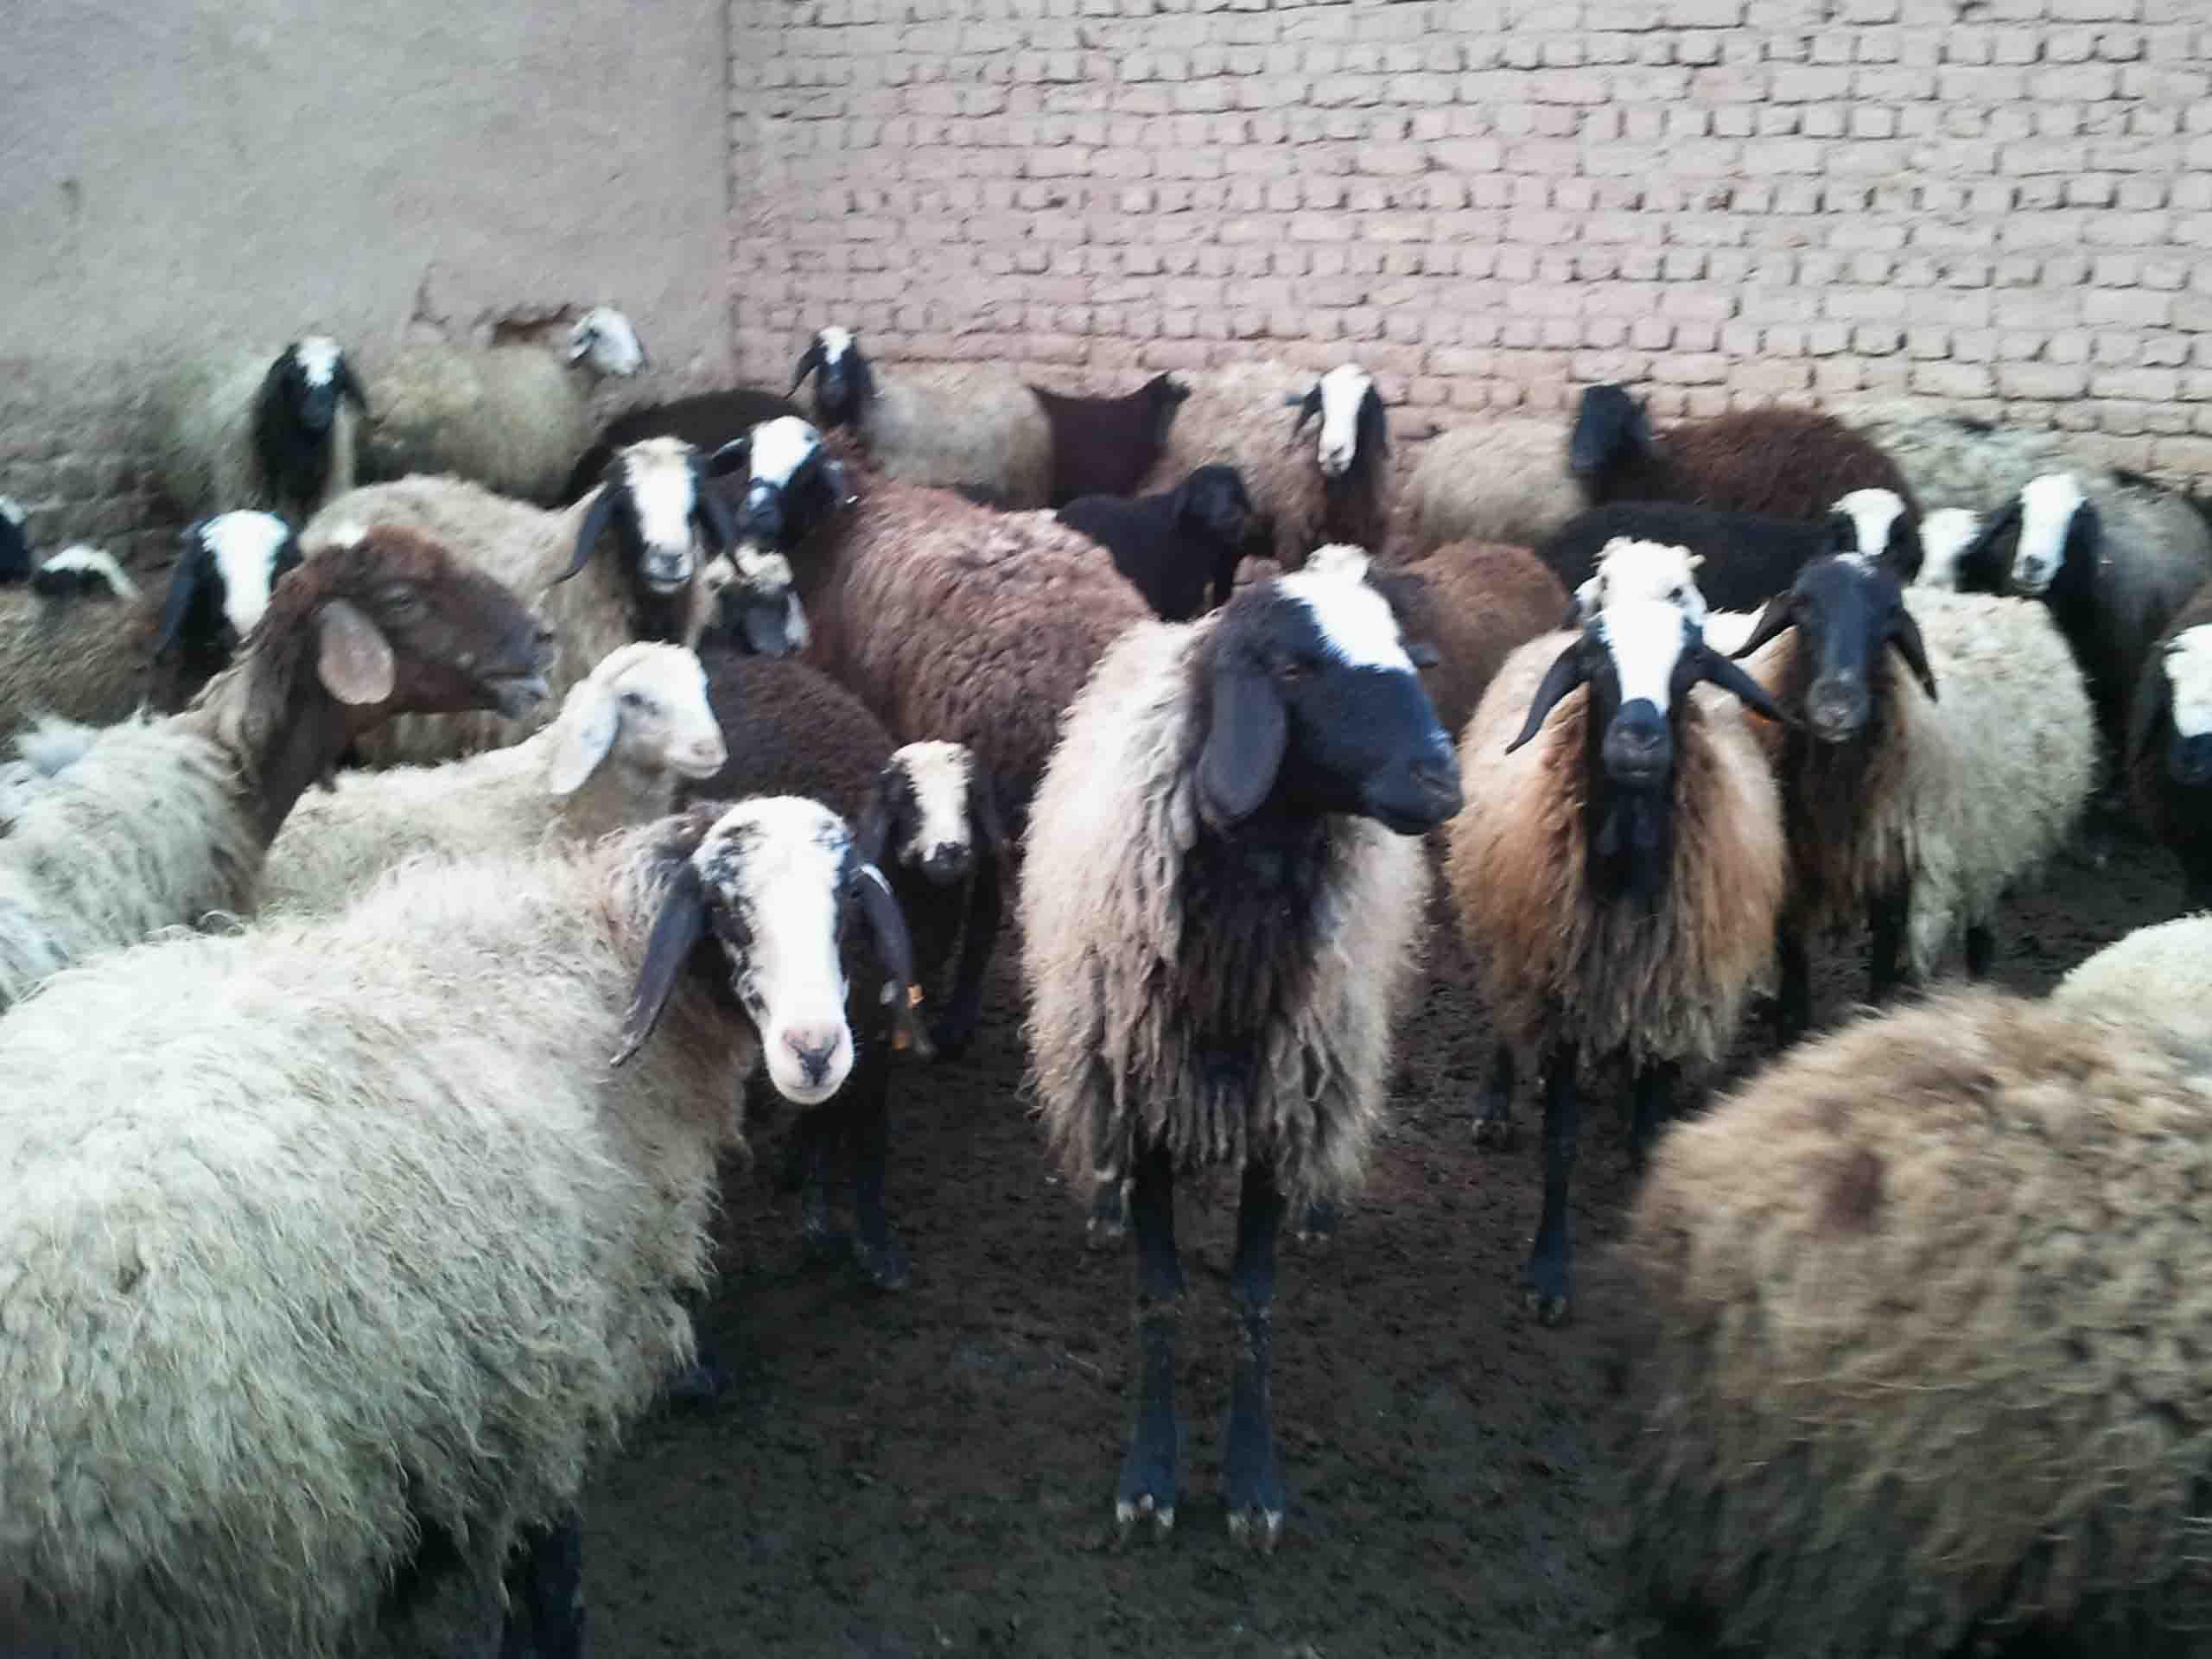 افزایش ۲۷ درصدی تعداد گوسفند و بره در سال 98